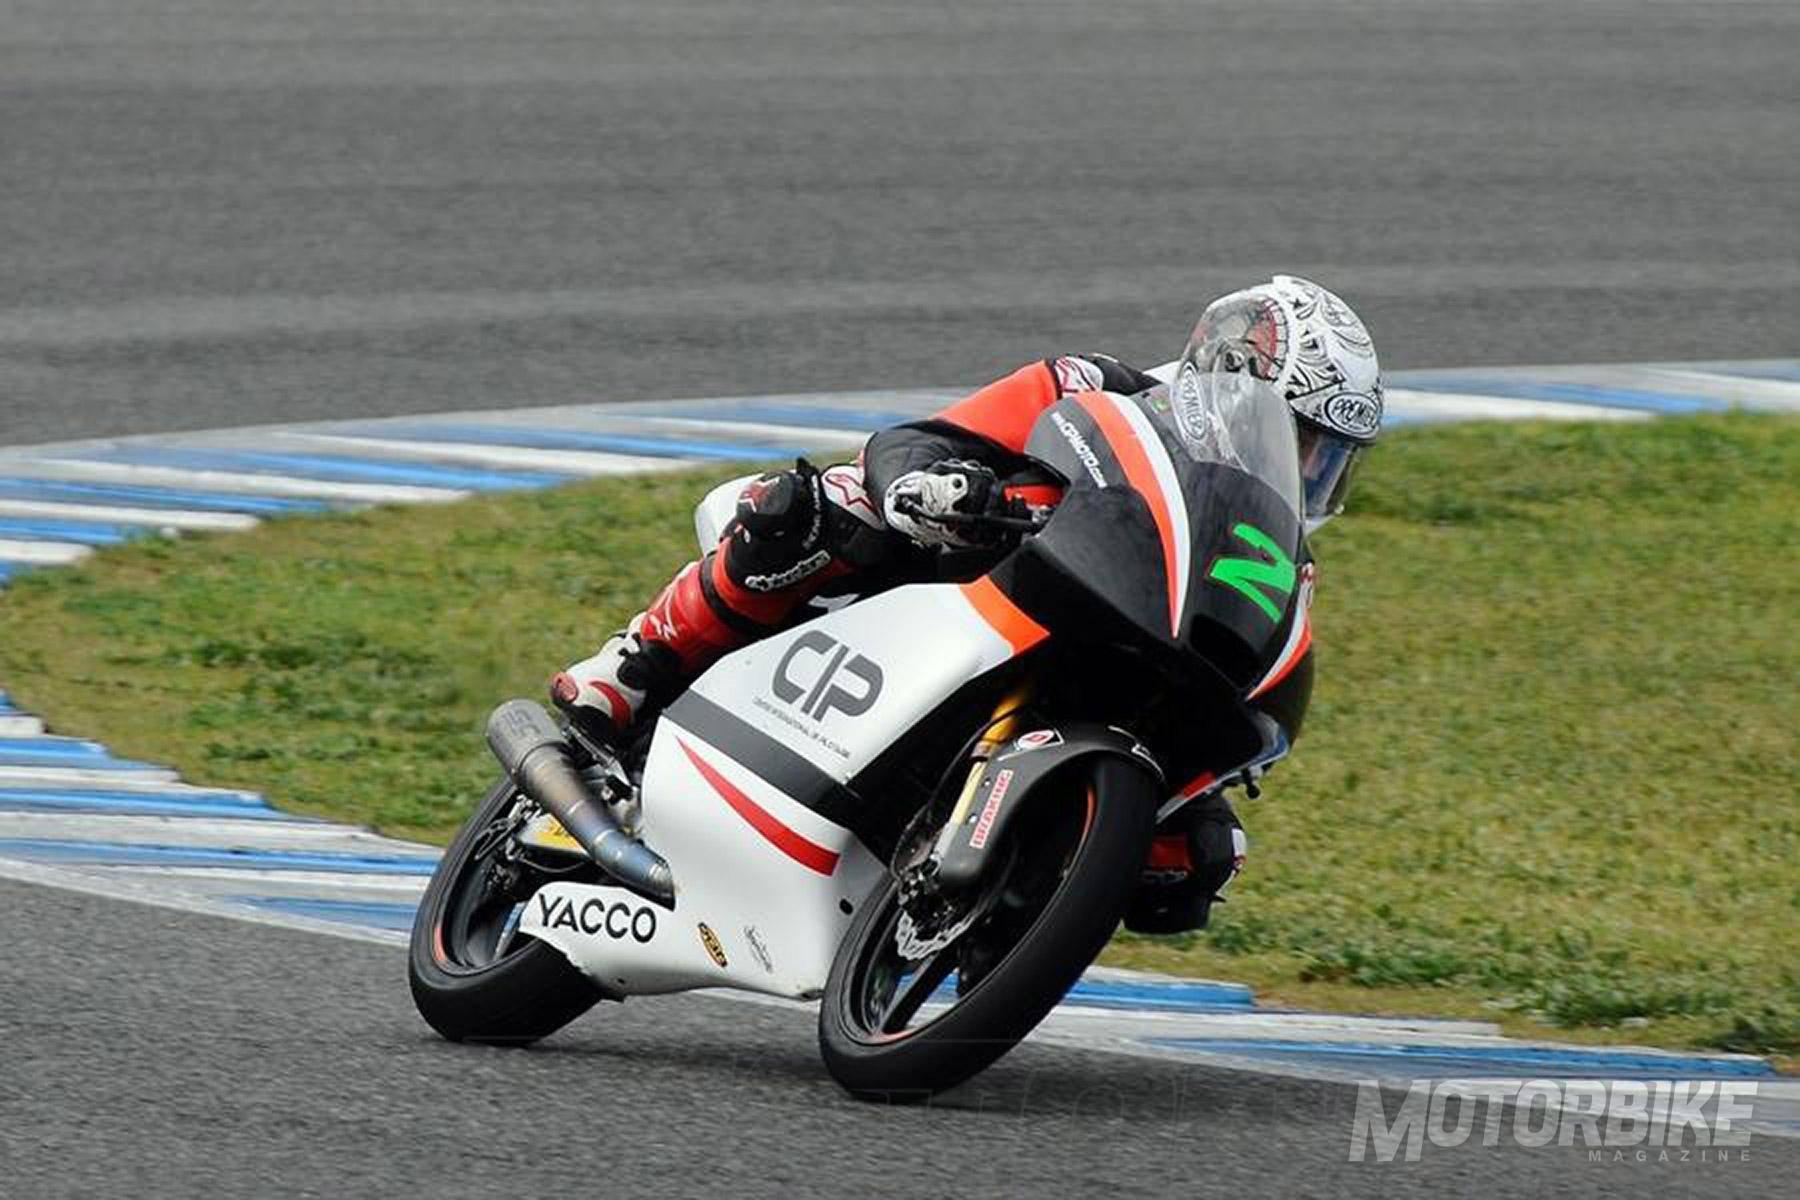 Moto3 2015: Equipos y decoraciones - Motorbike Magazine